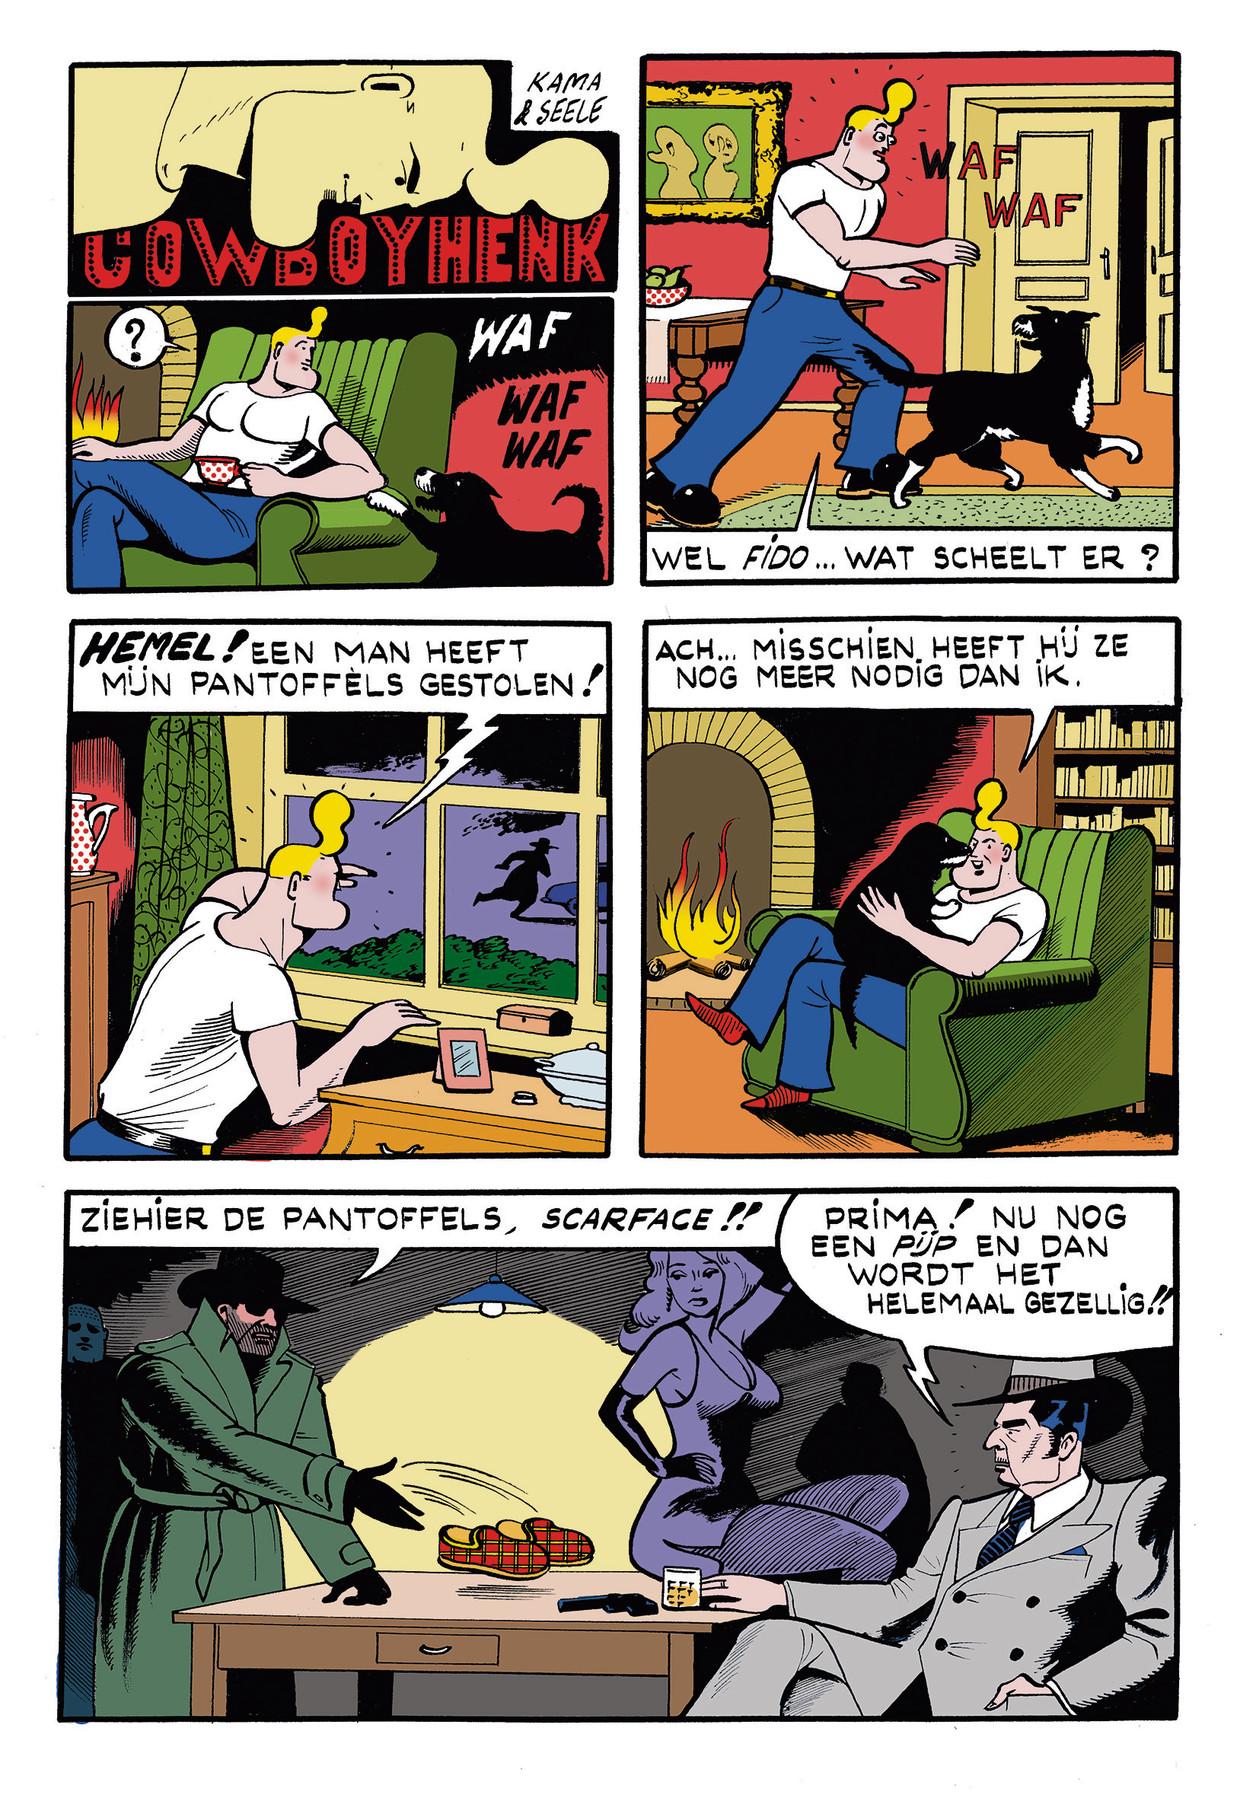 Cowboy Henk 17 Beeld Kamagurka